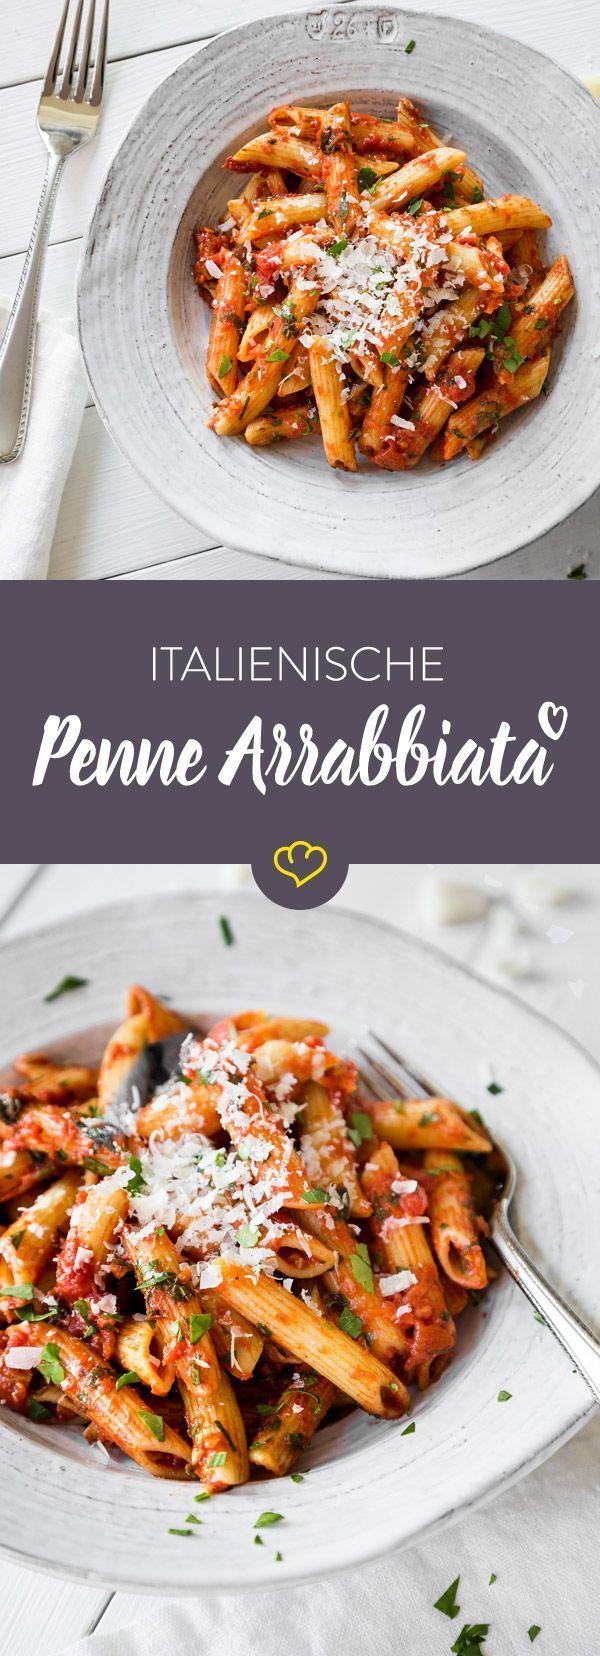 Penne Arrabbiata – der italienische Klassiker